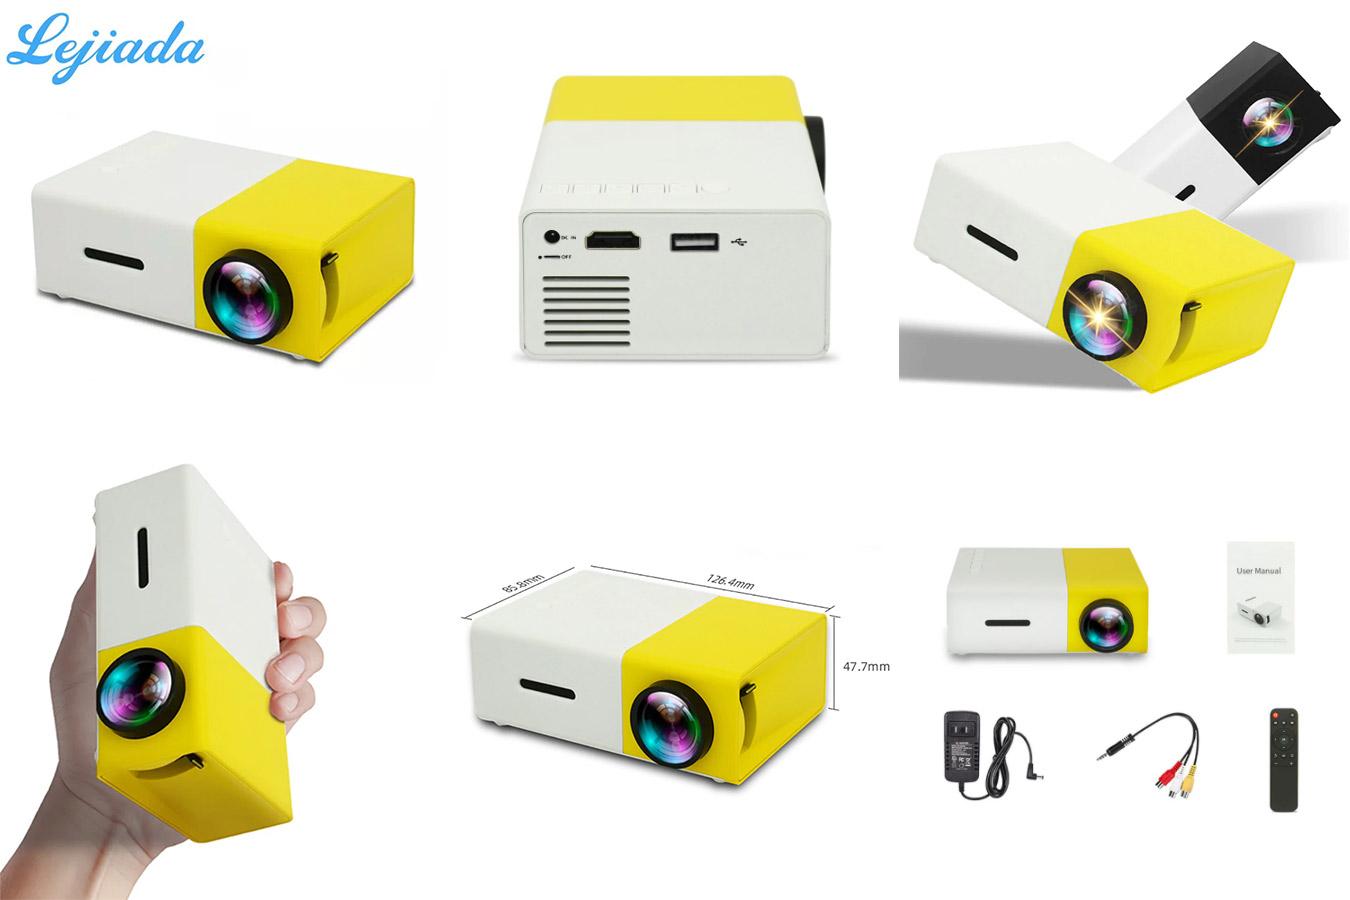 Лучший проектор с поддержкой 1080p